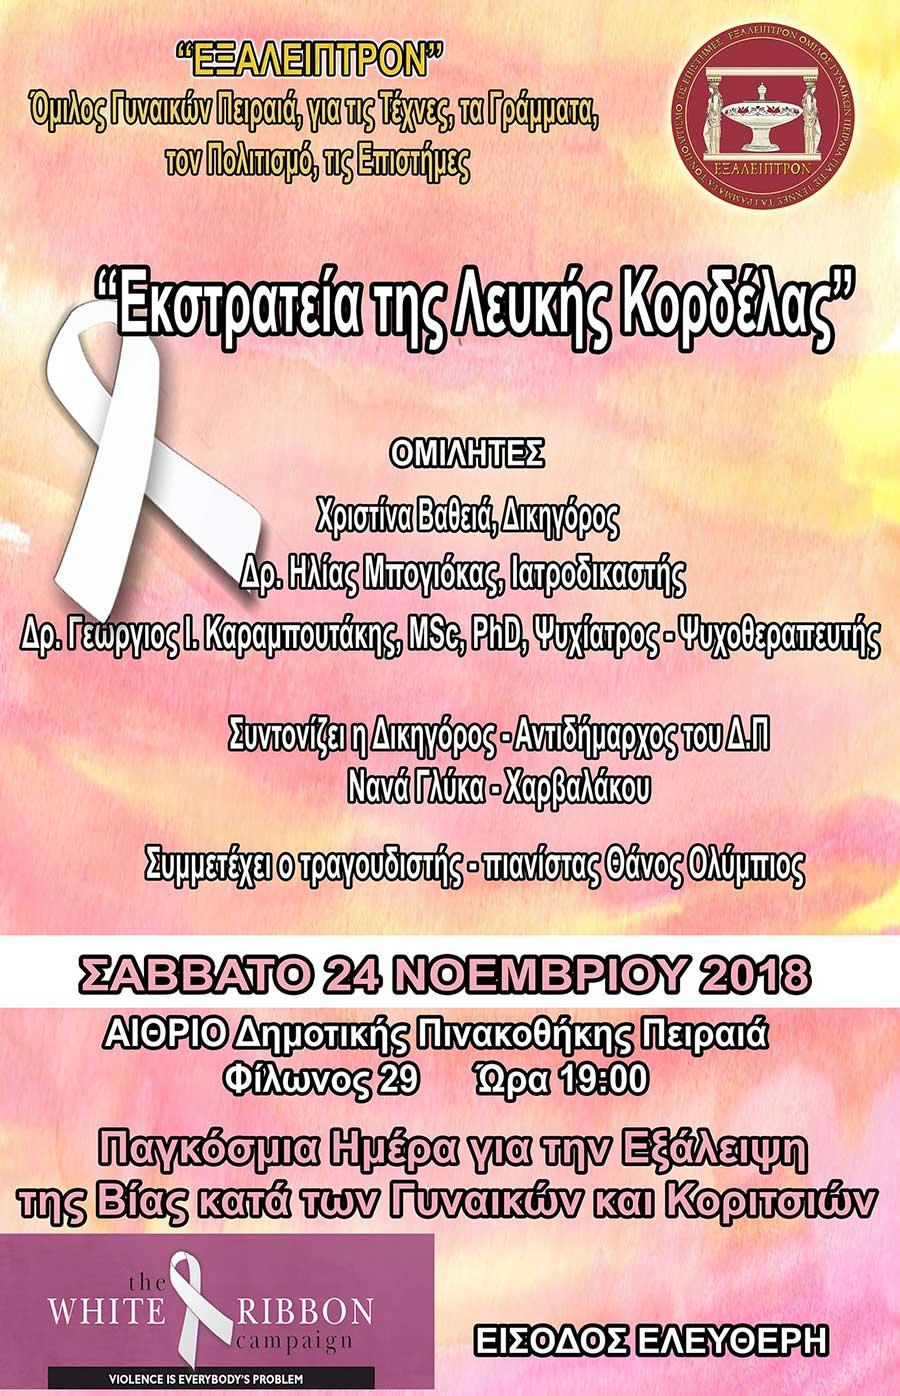 ekstrateia1 5044618c7